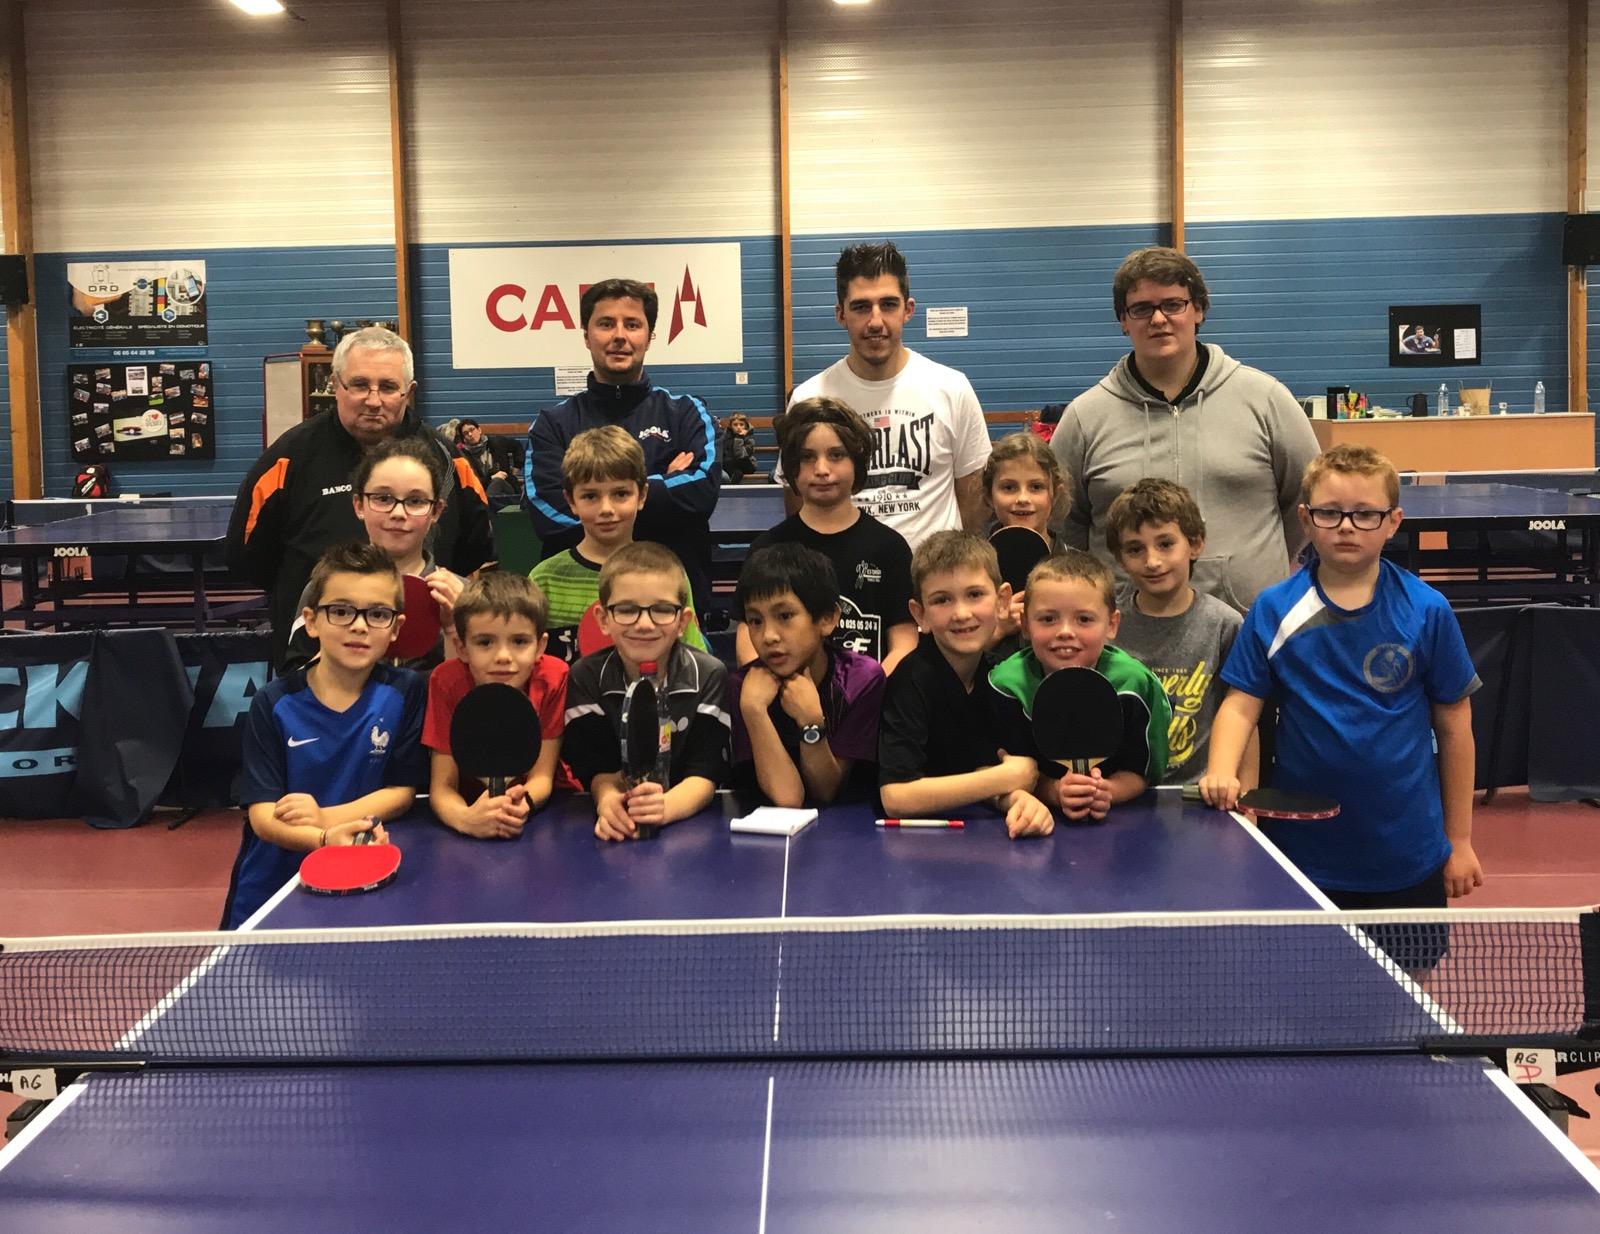 Ligue de normandie de tennis de table journ e r gionale - Ligue haute normandie tennis de table ...